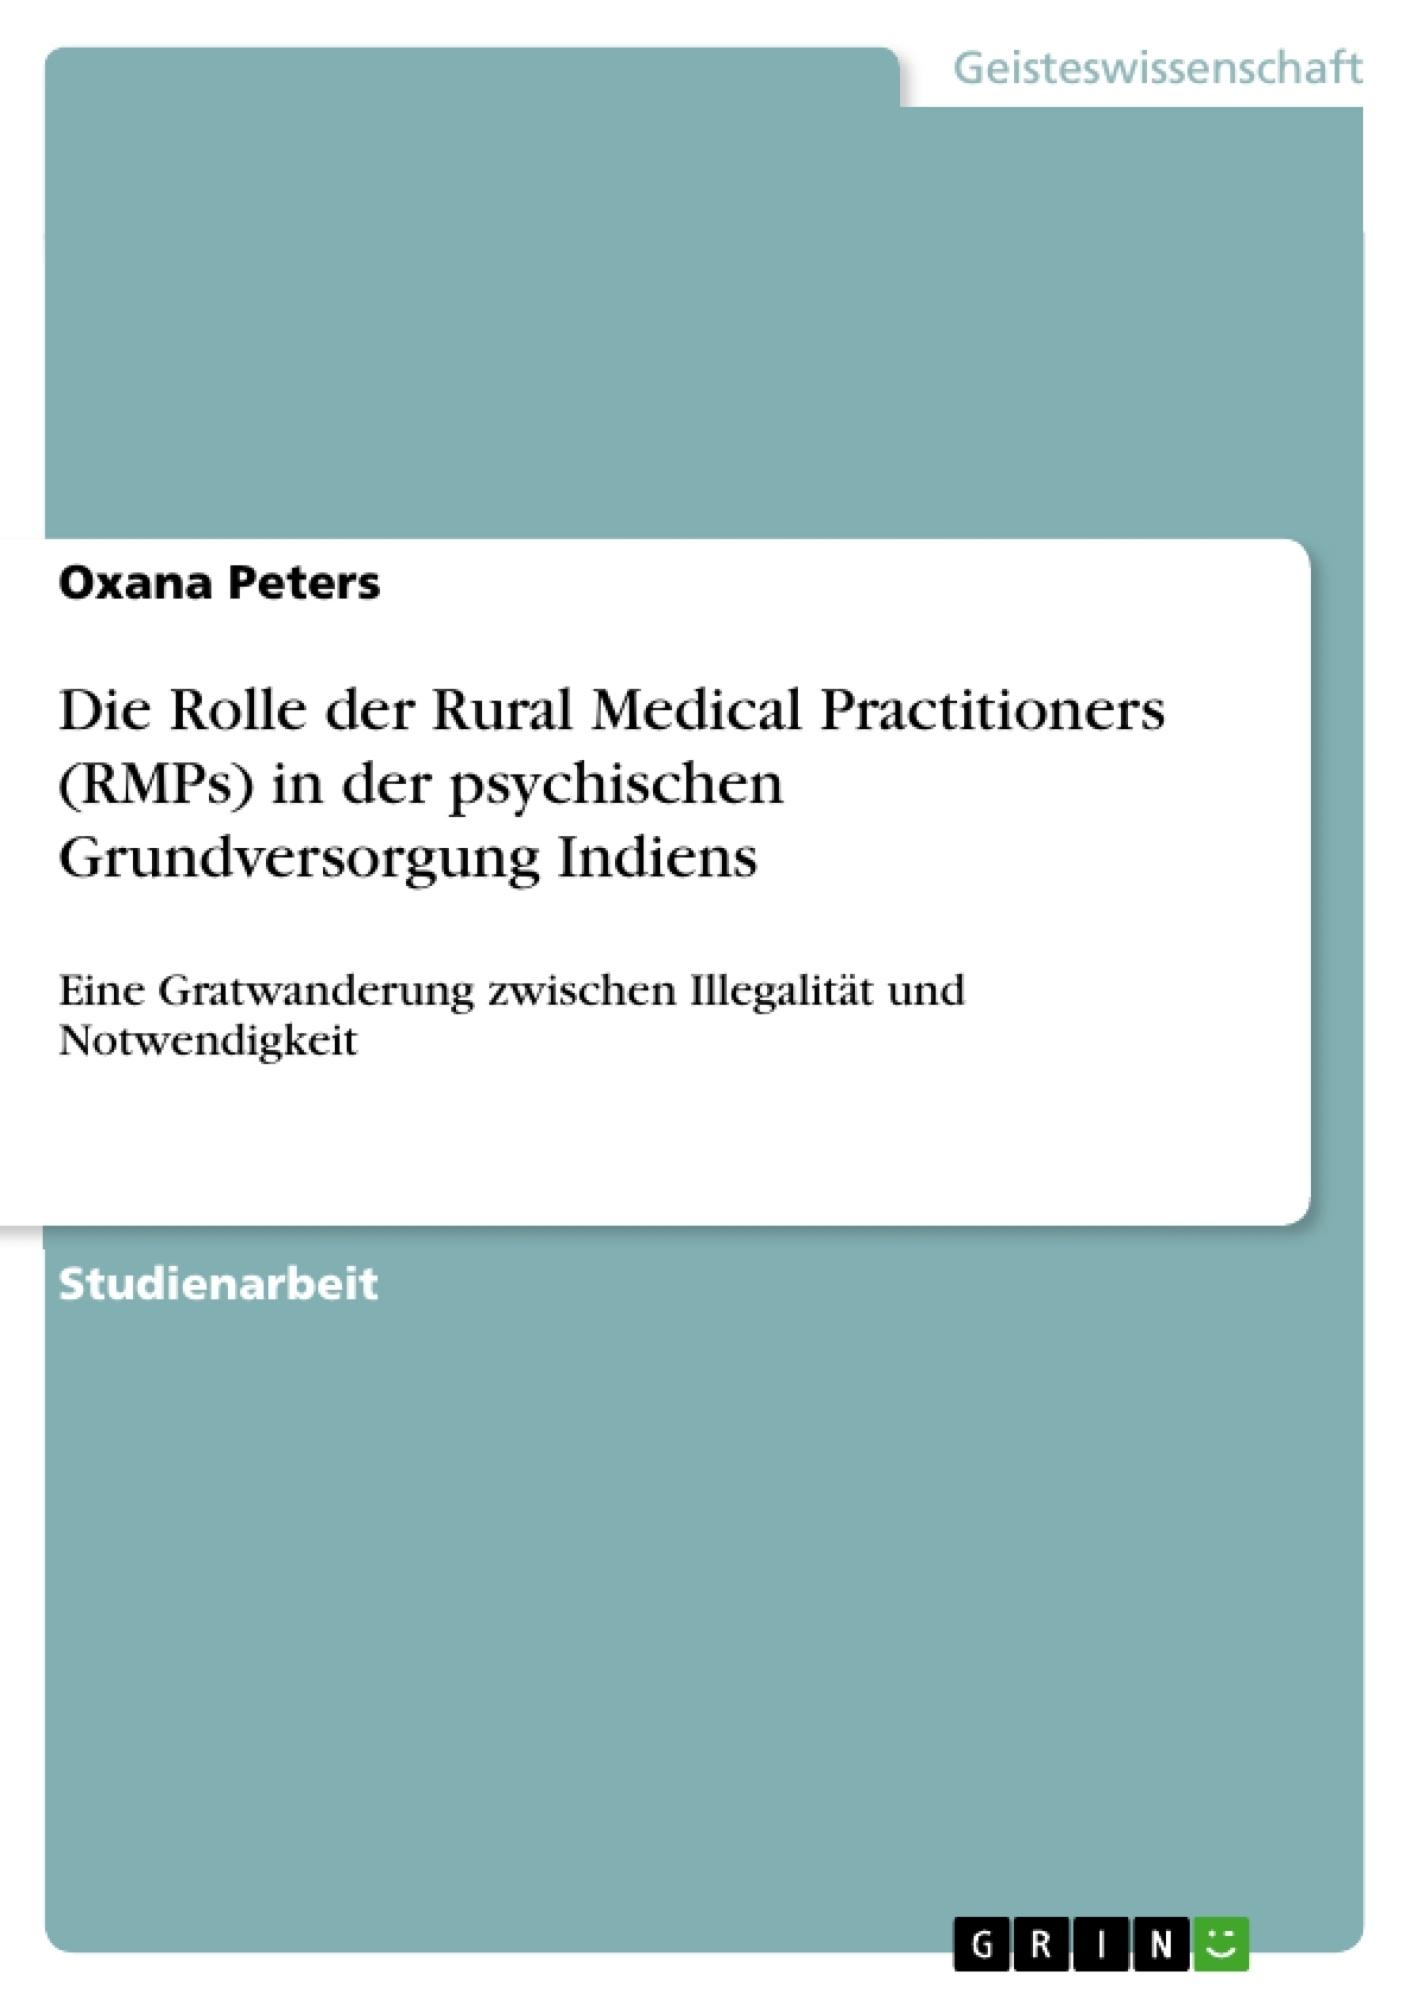 Titel: Die Rolle der Rural Medical  Practitioners (RMPs) in der psychischen Grundversorgung Indiens